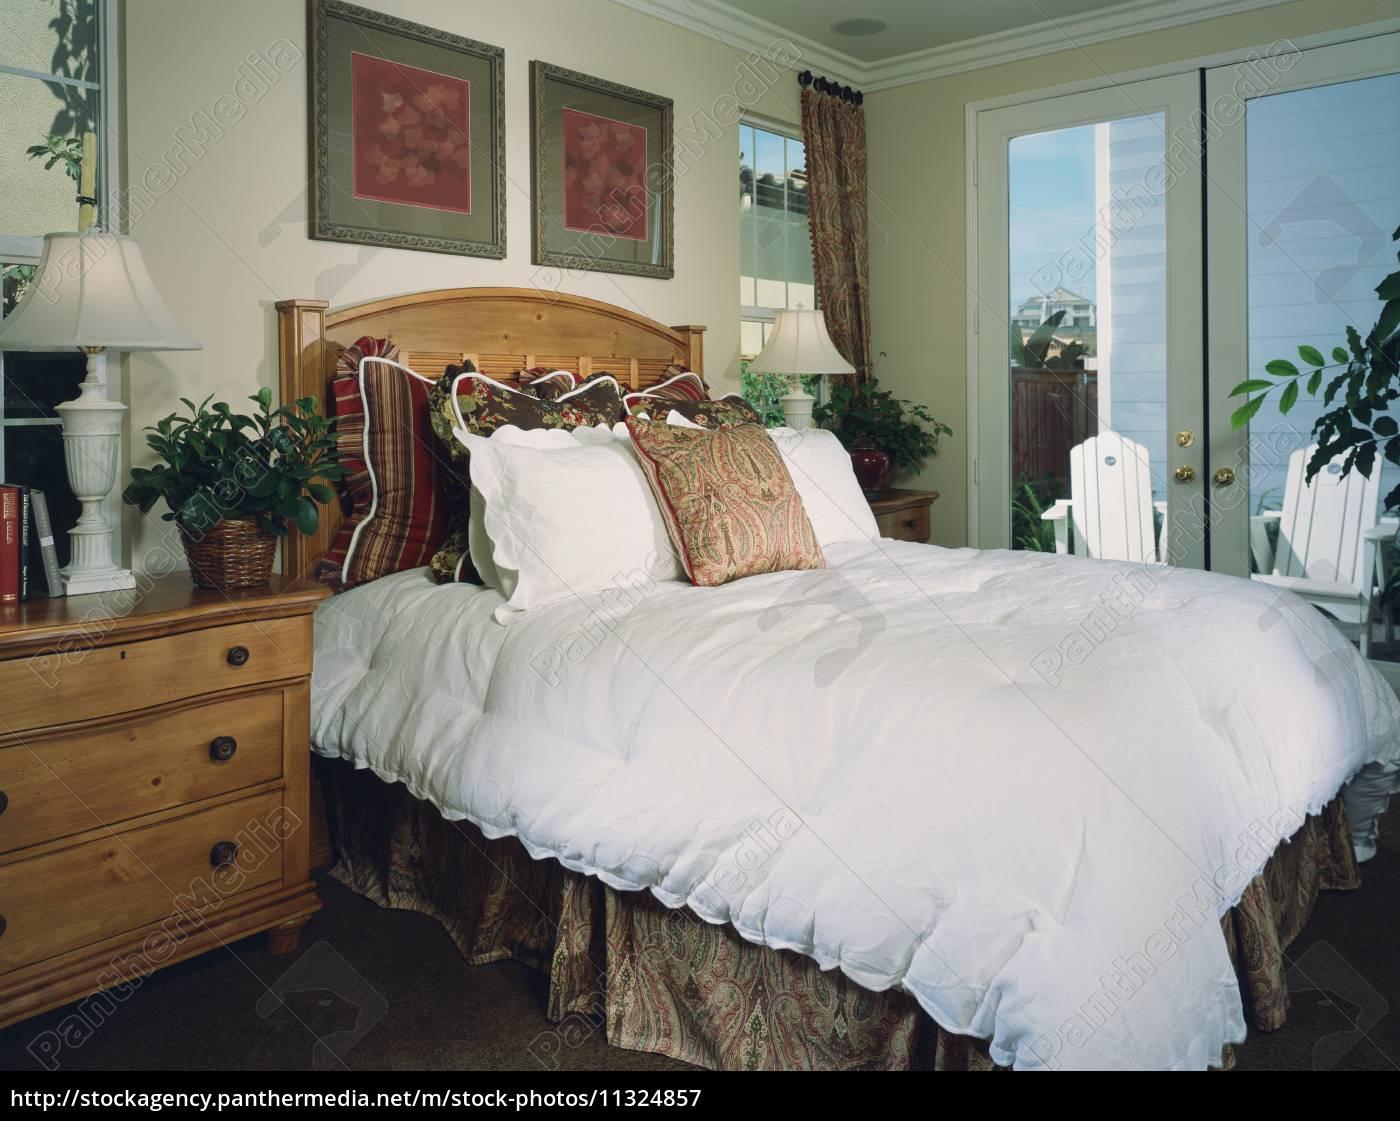 Lizenzfreies Bild 11324857 - traditionelle gemütliches schlafzimmer